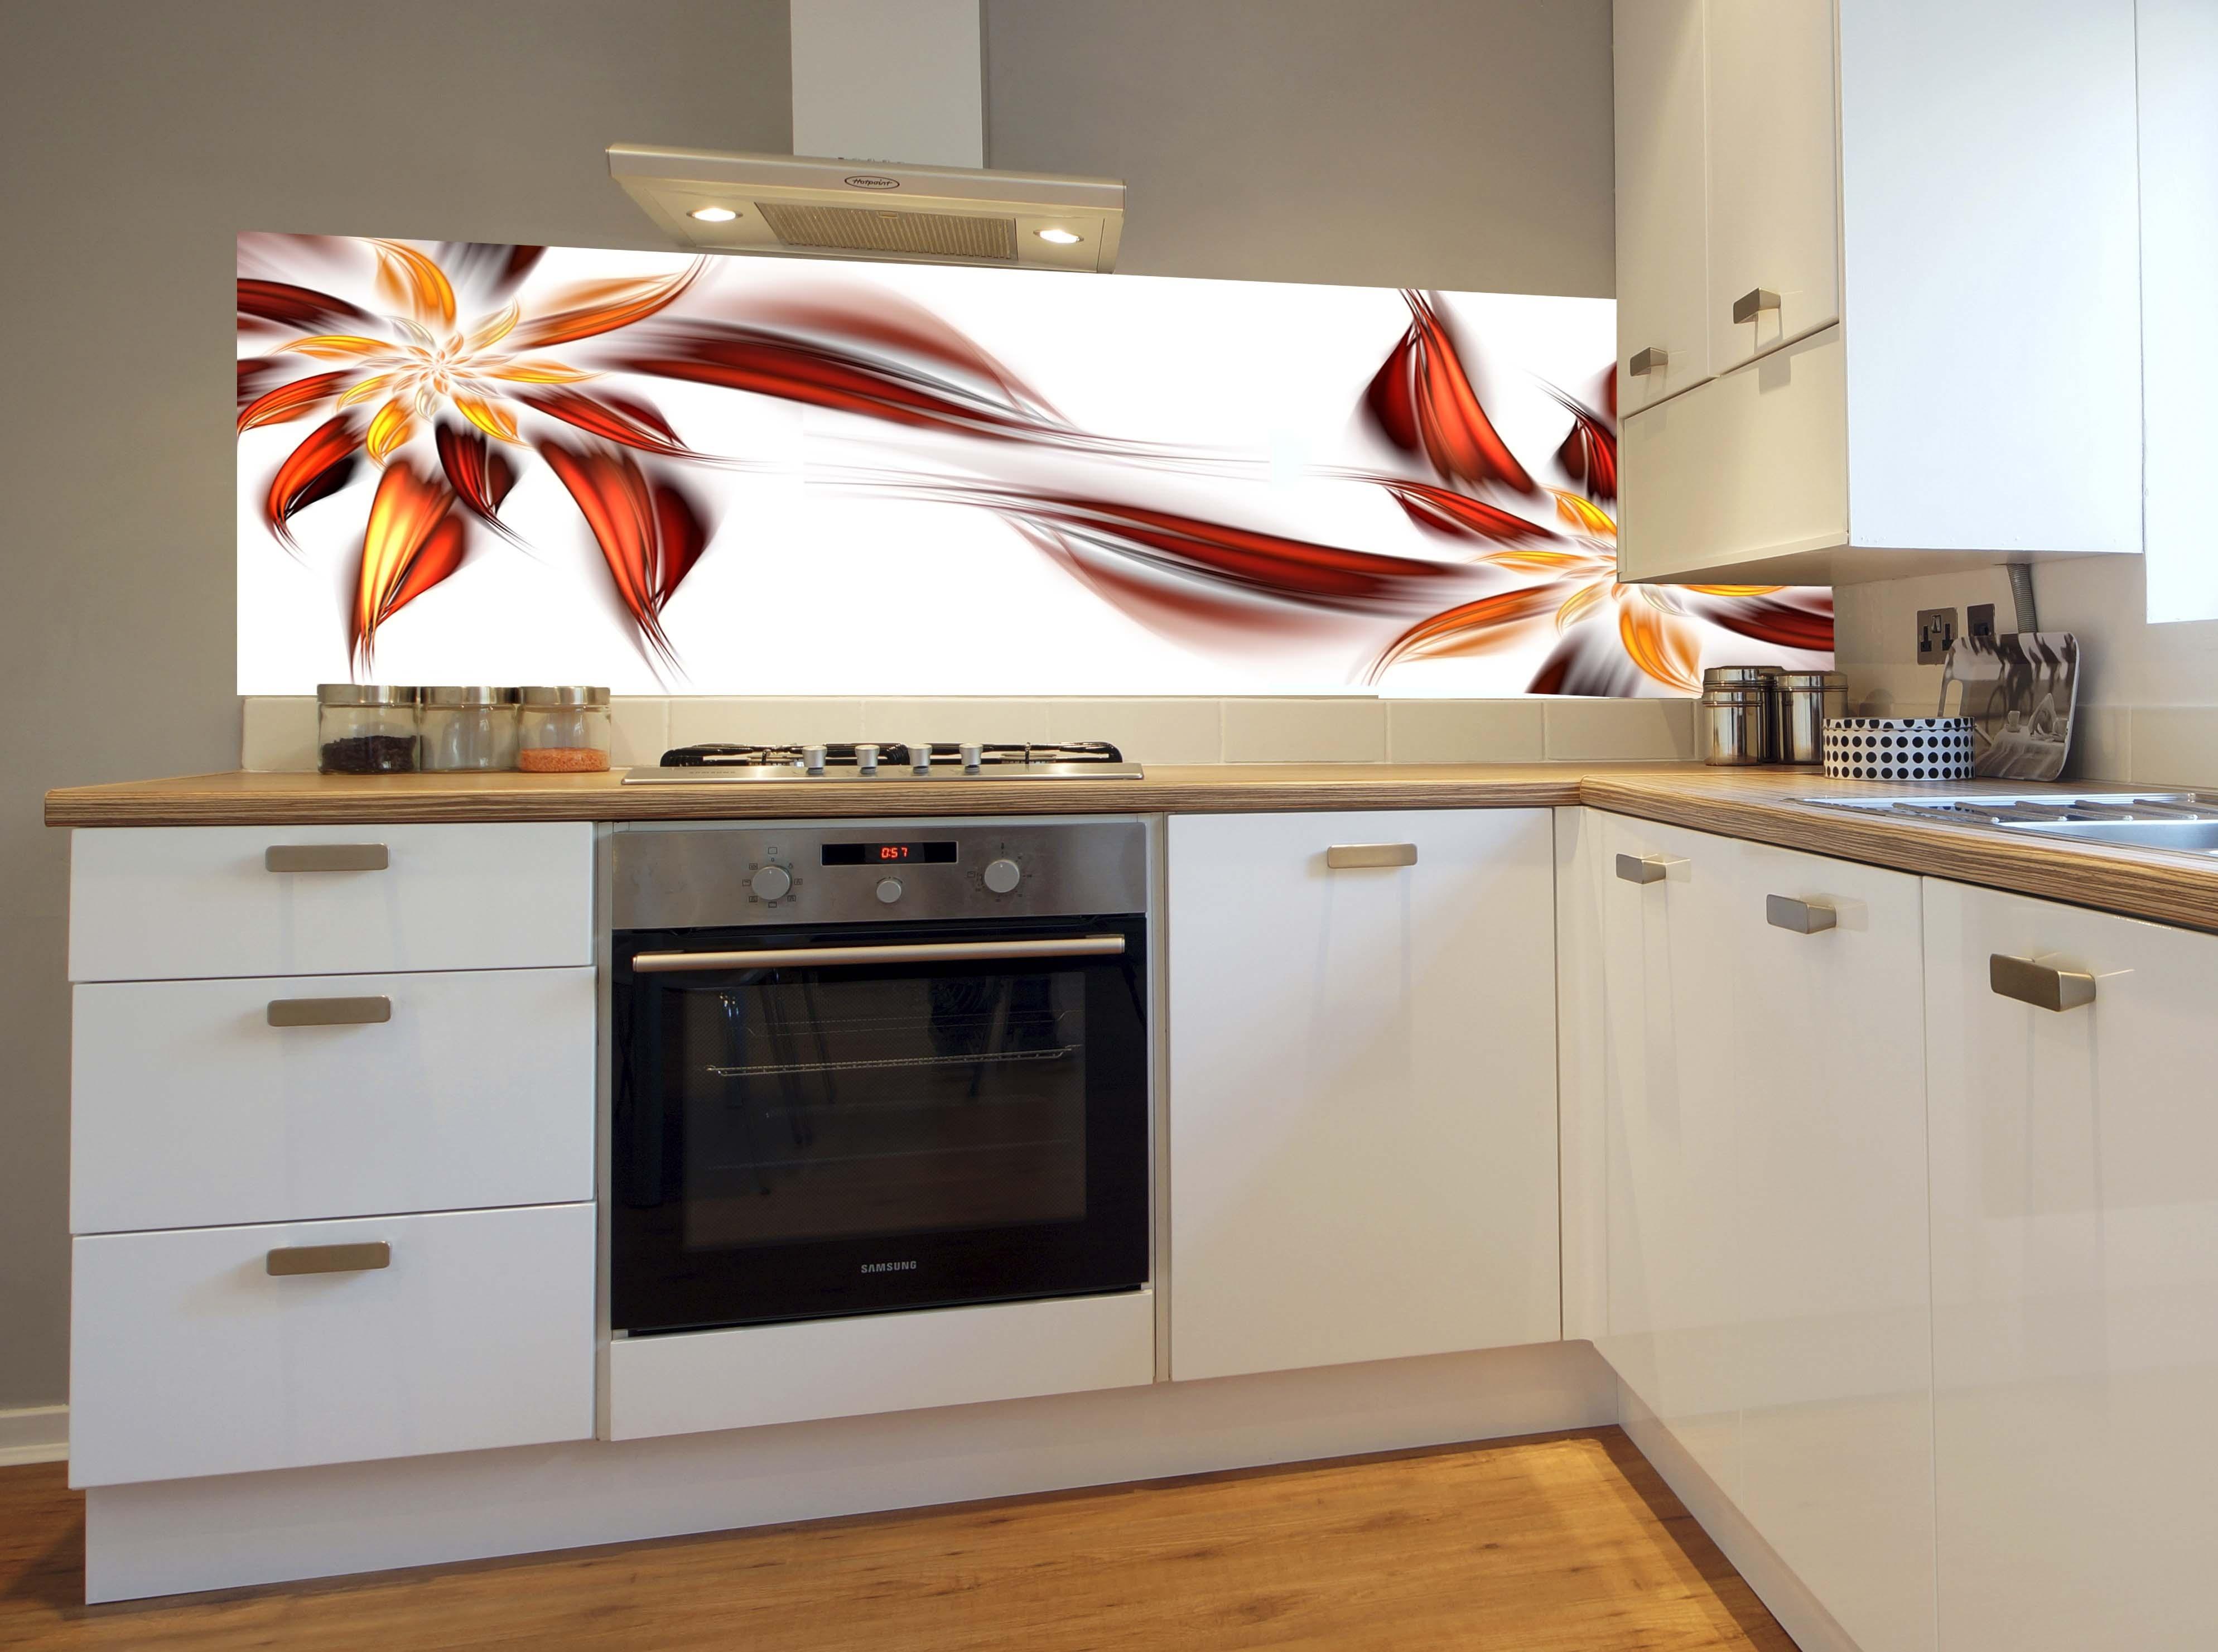 Fototapeta do kuchni RED FLOWER  Magic & Style -> Fototapeta Stara Kuchnia